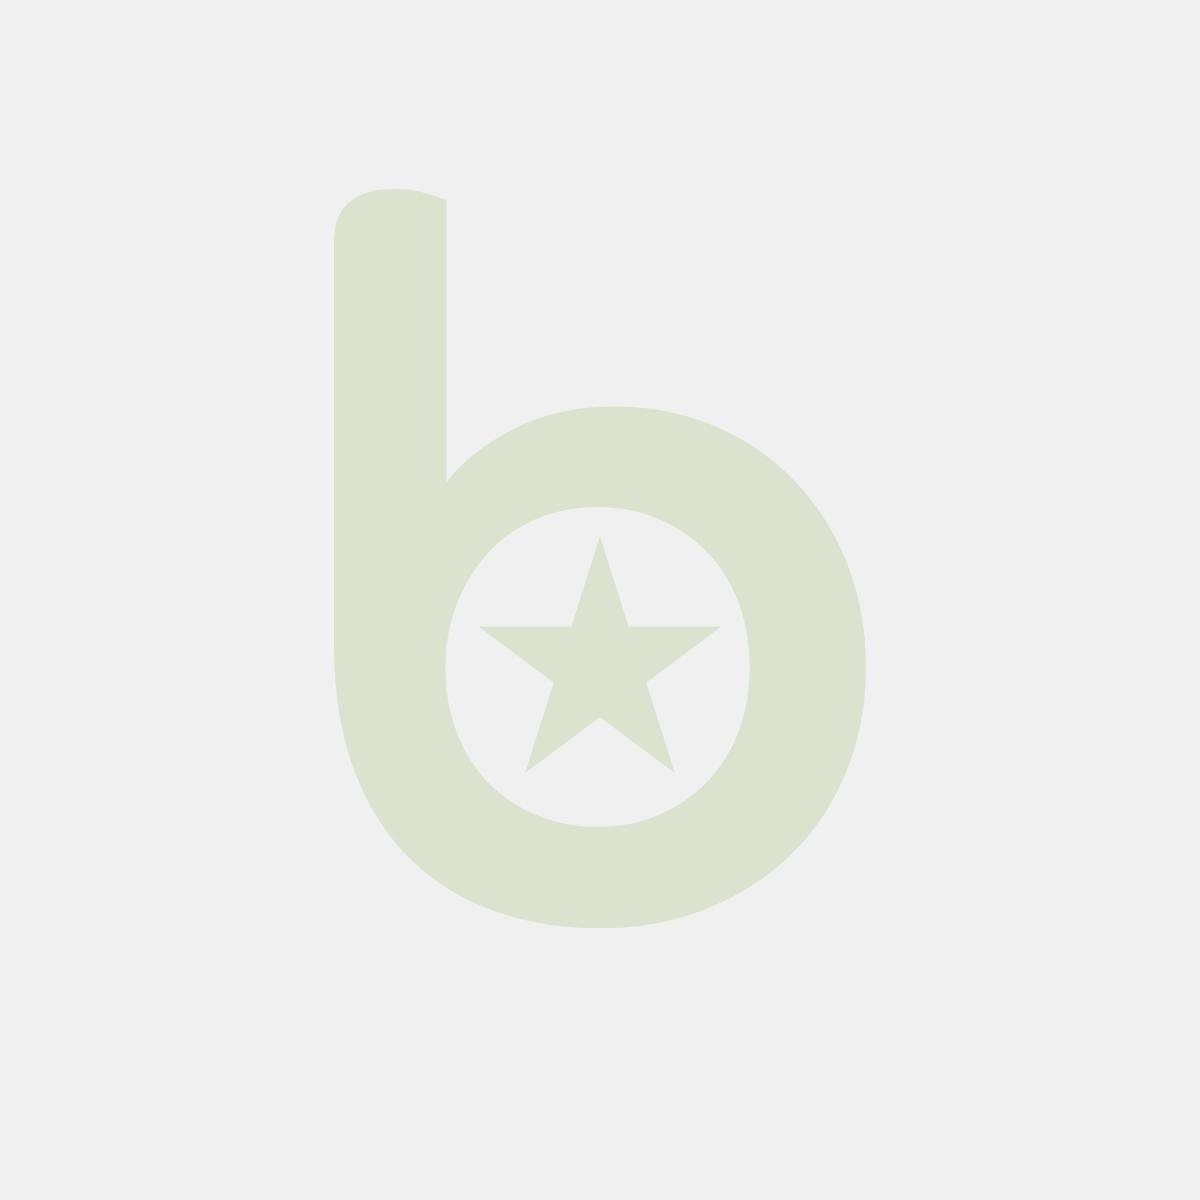 FINGERFOOD - miseczka z liścia palm 15ml kwadratowa, Palmware®, op. 25 sztuk